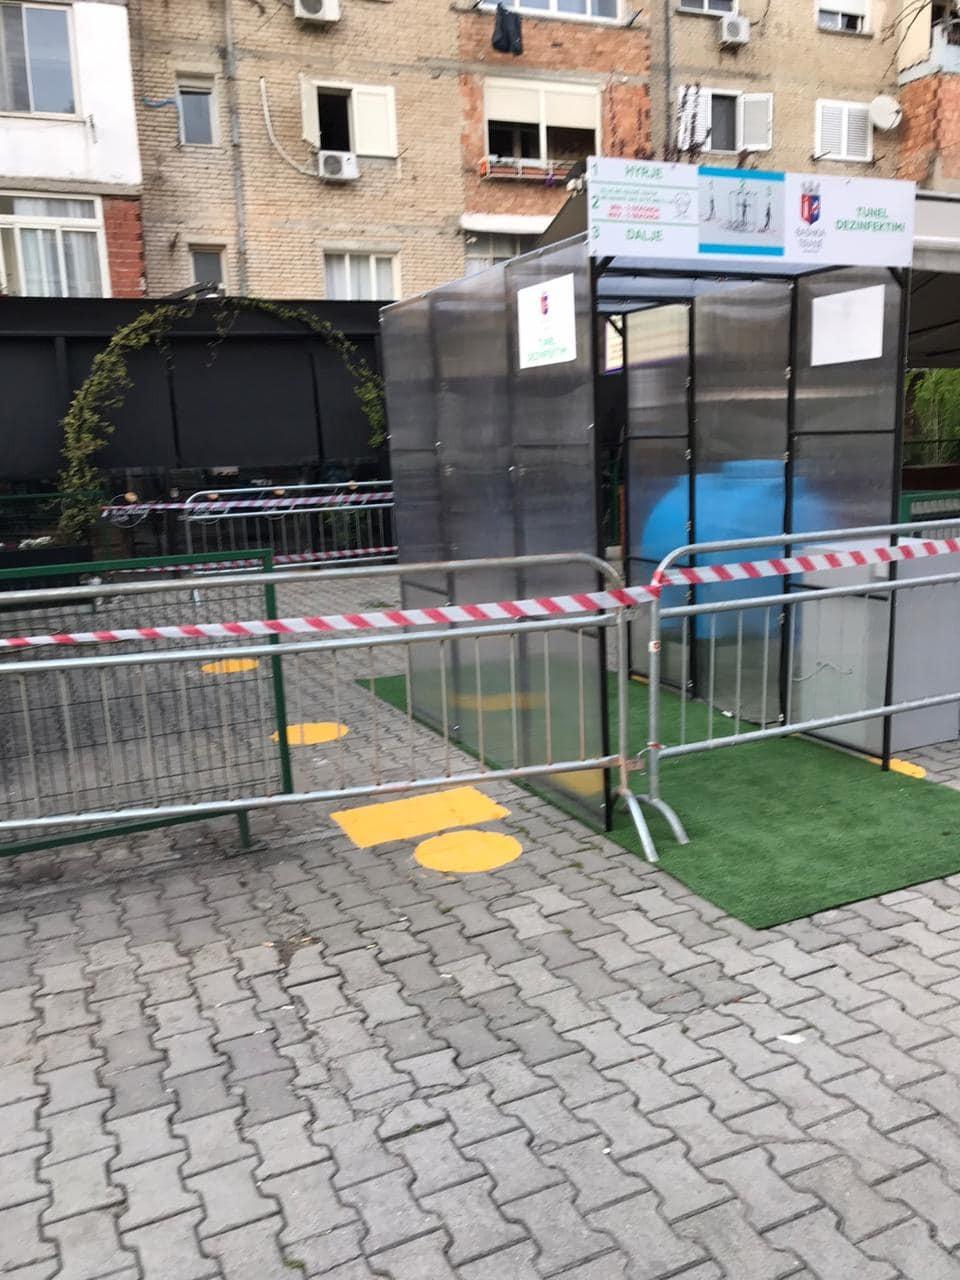 Pas suksesit në Kombinat  Bashkia e Tiranës vendos kabina dezinfektimi edhe në tregjet e tjera publike